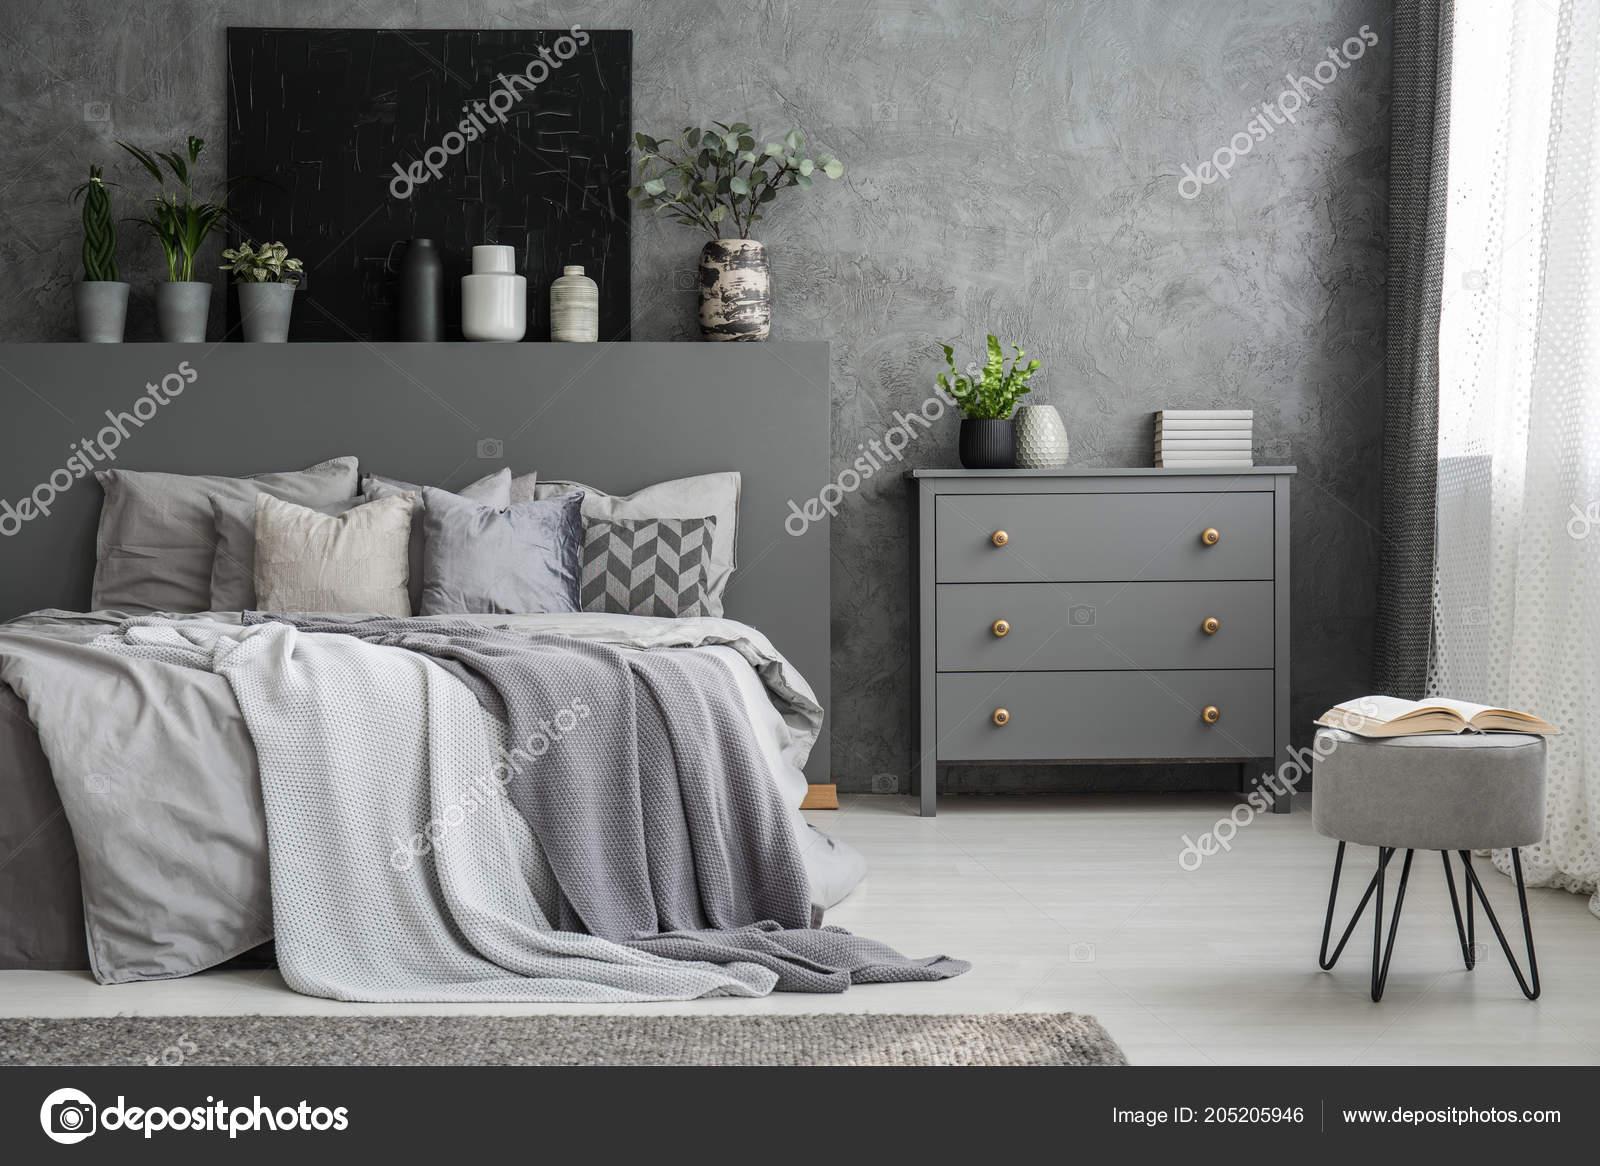 Monochromatyczny Sypialnia Szary Wnętrze Duże łóżko Narzuty